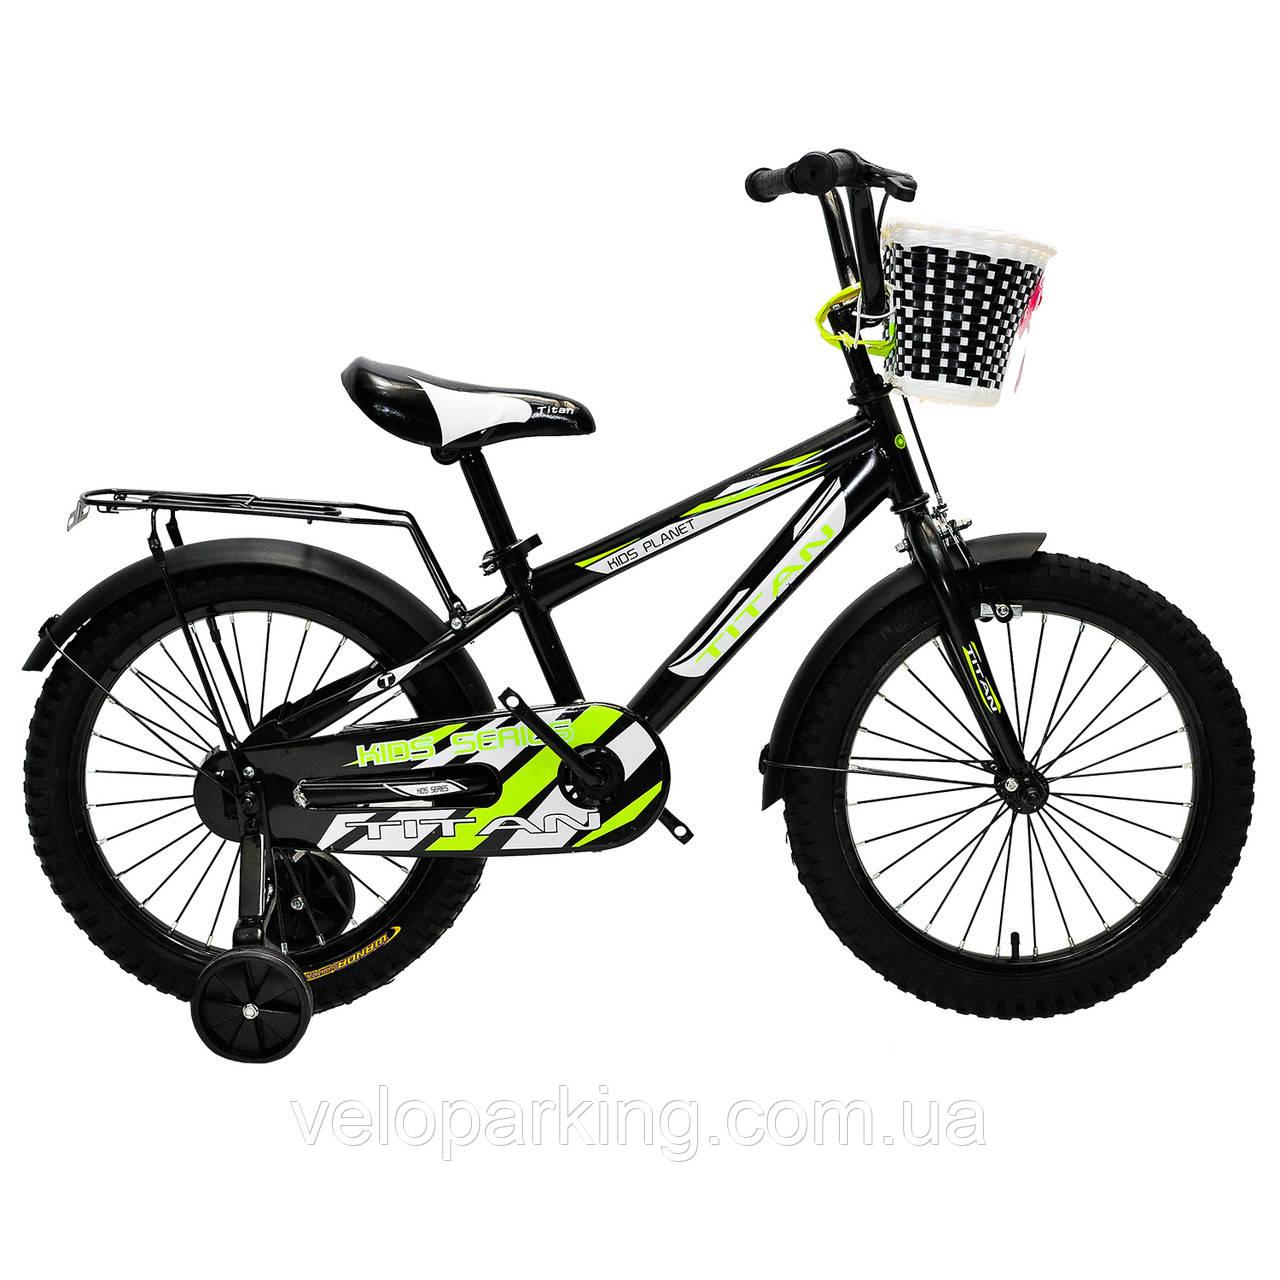 Велосипед детский Titan BMX 18″ (2018) NEW